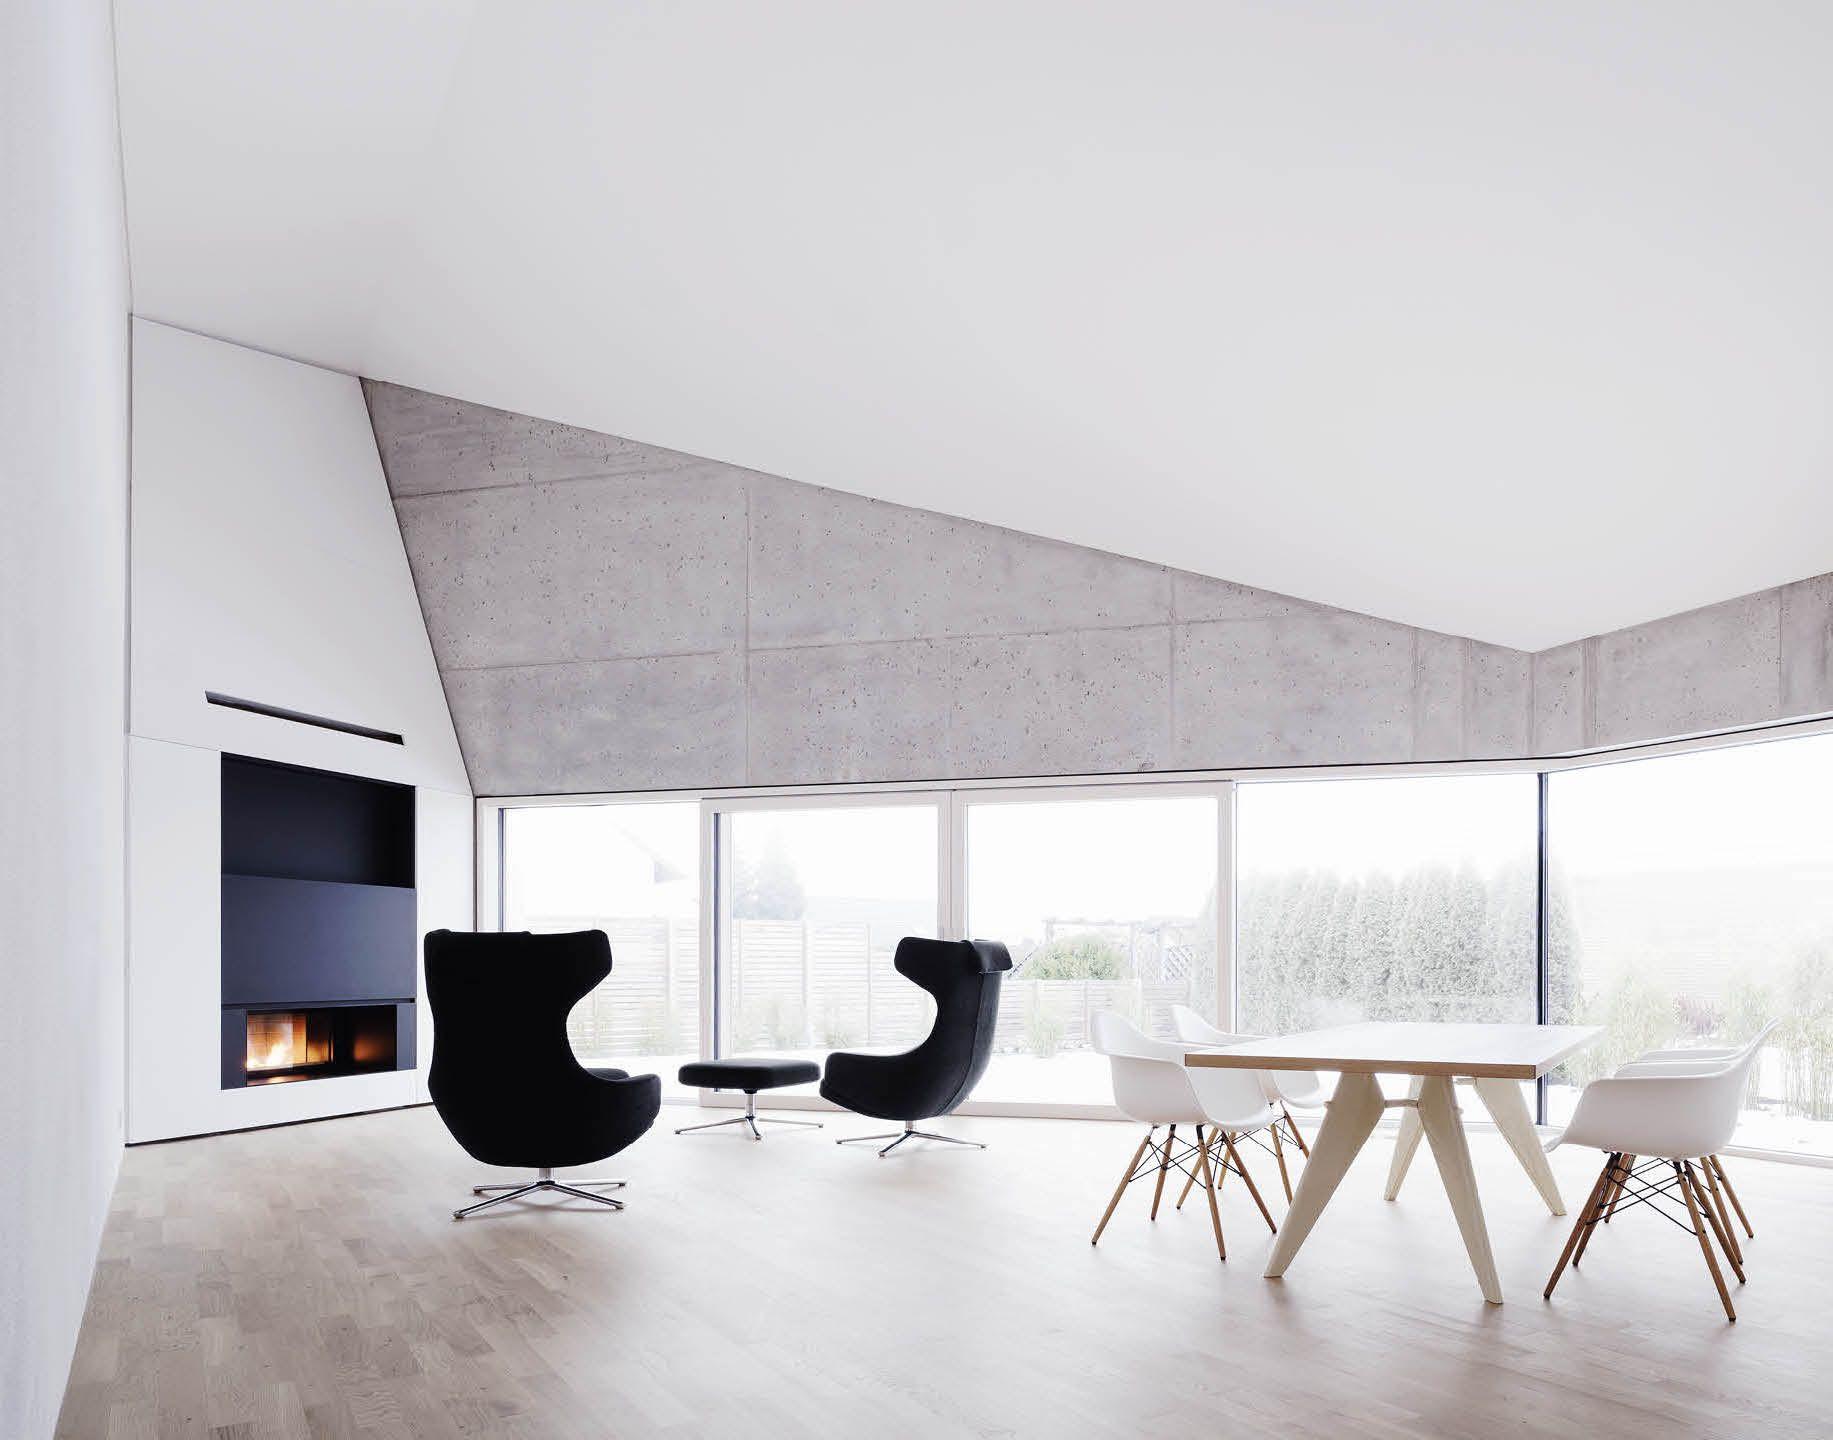 Innenarchitektur Im Ausland Studieren interior of e20 residential house by steimle architekten in